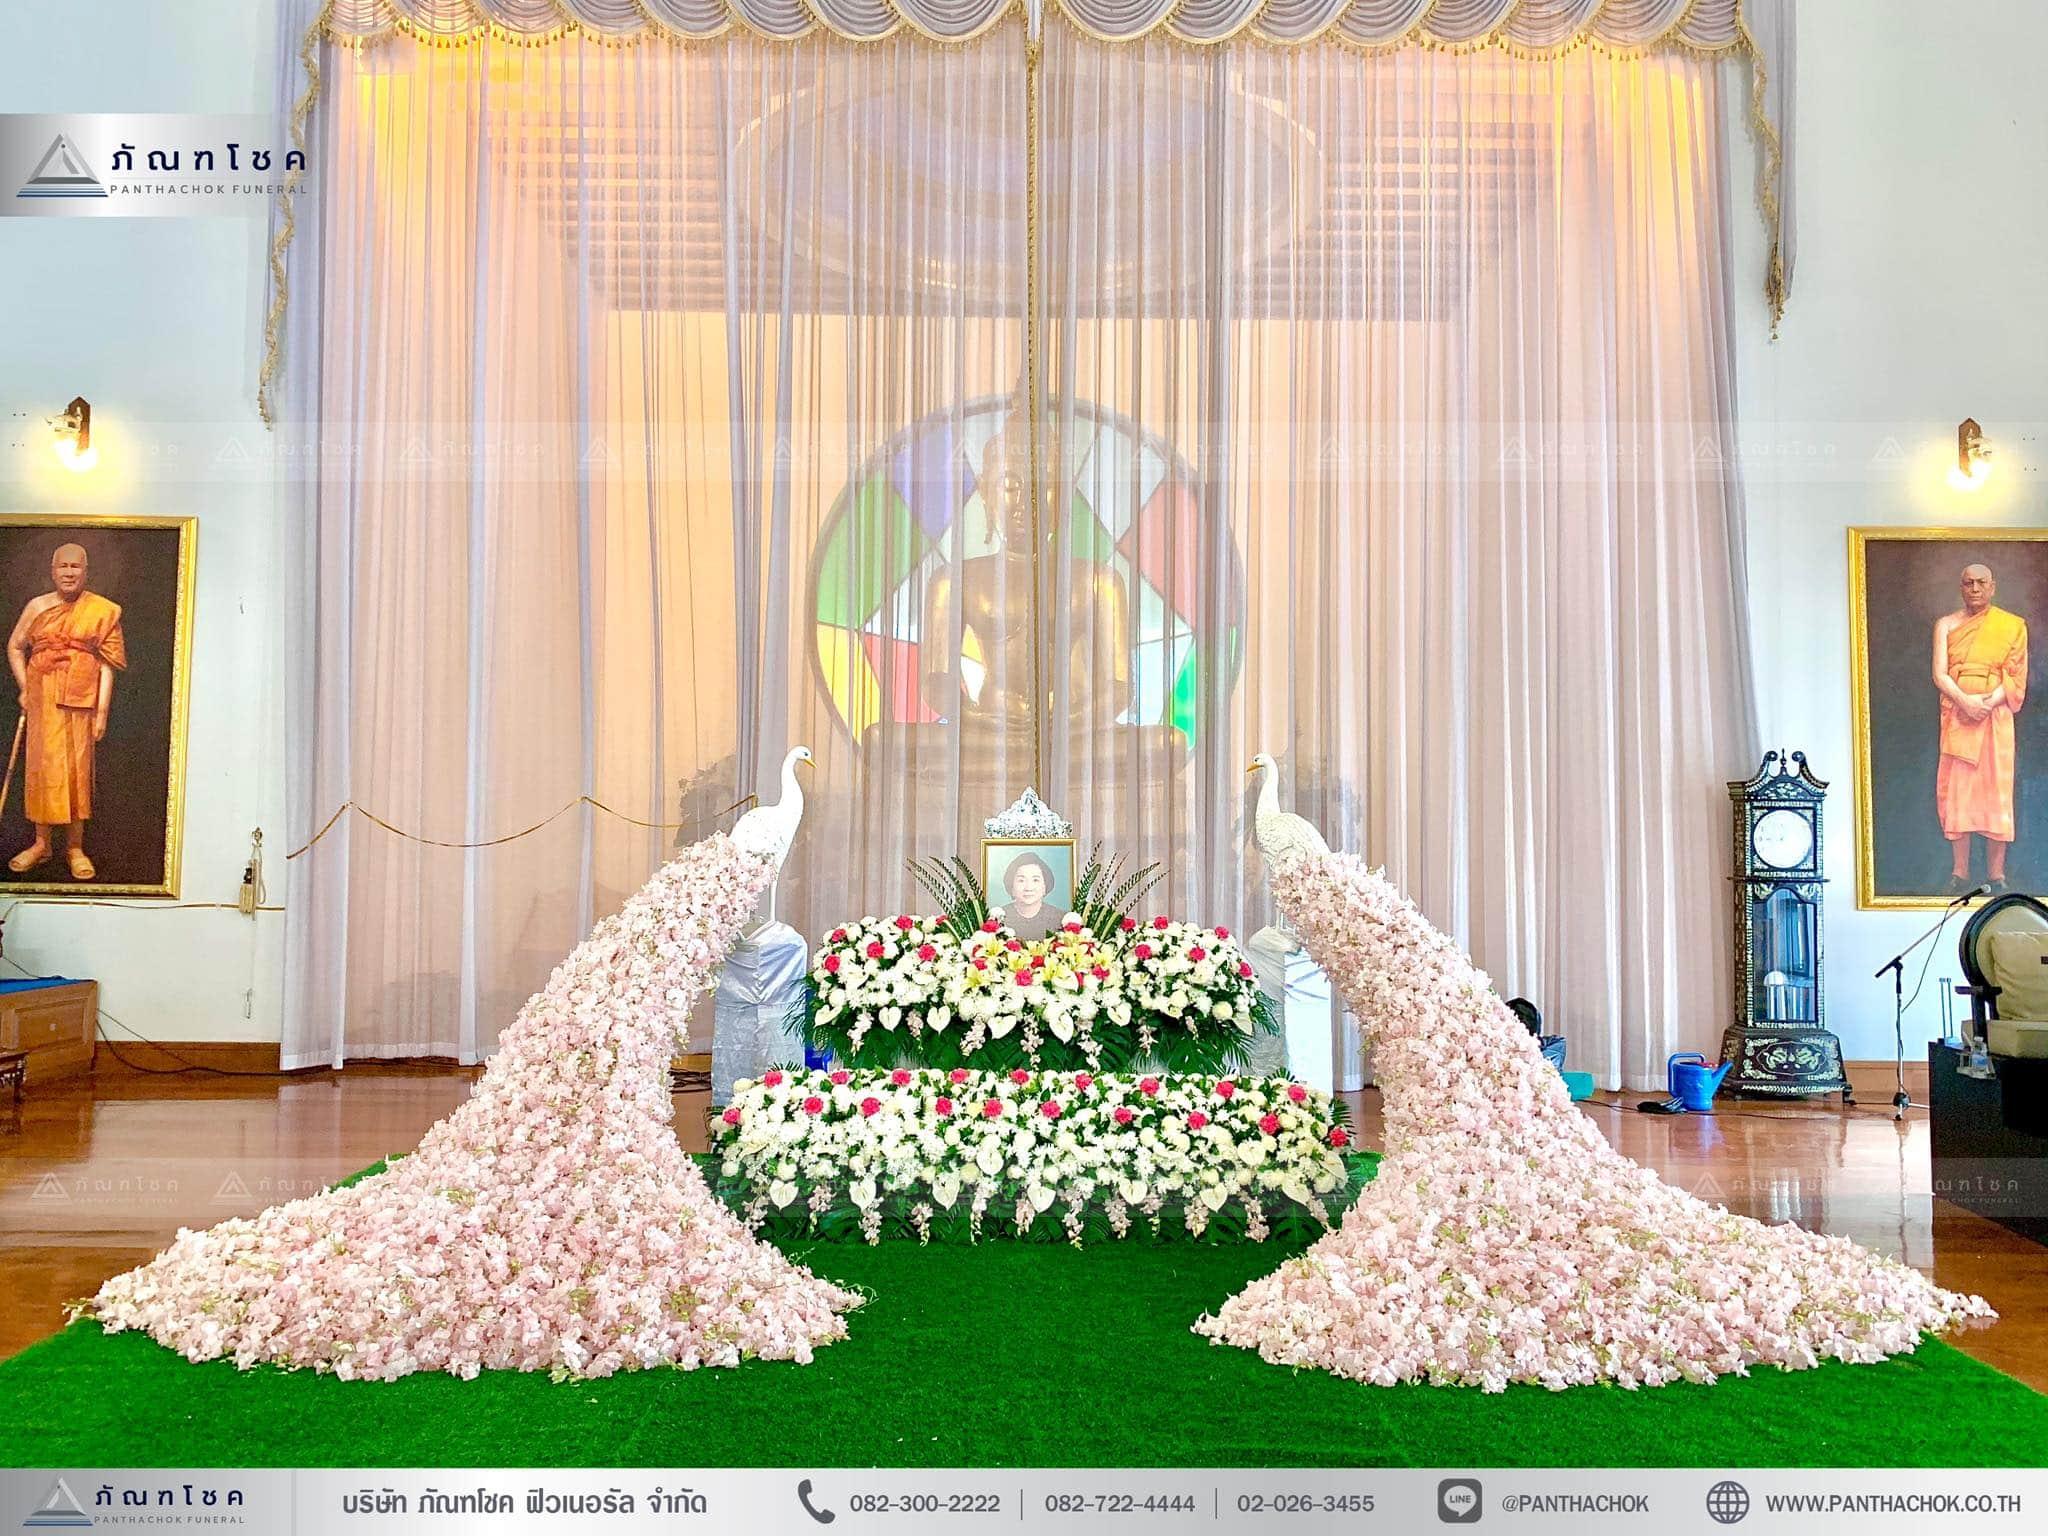 ดอกไม้งานศพ นกยูงหรูหรา จัดงานศพราชบุรี